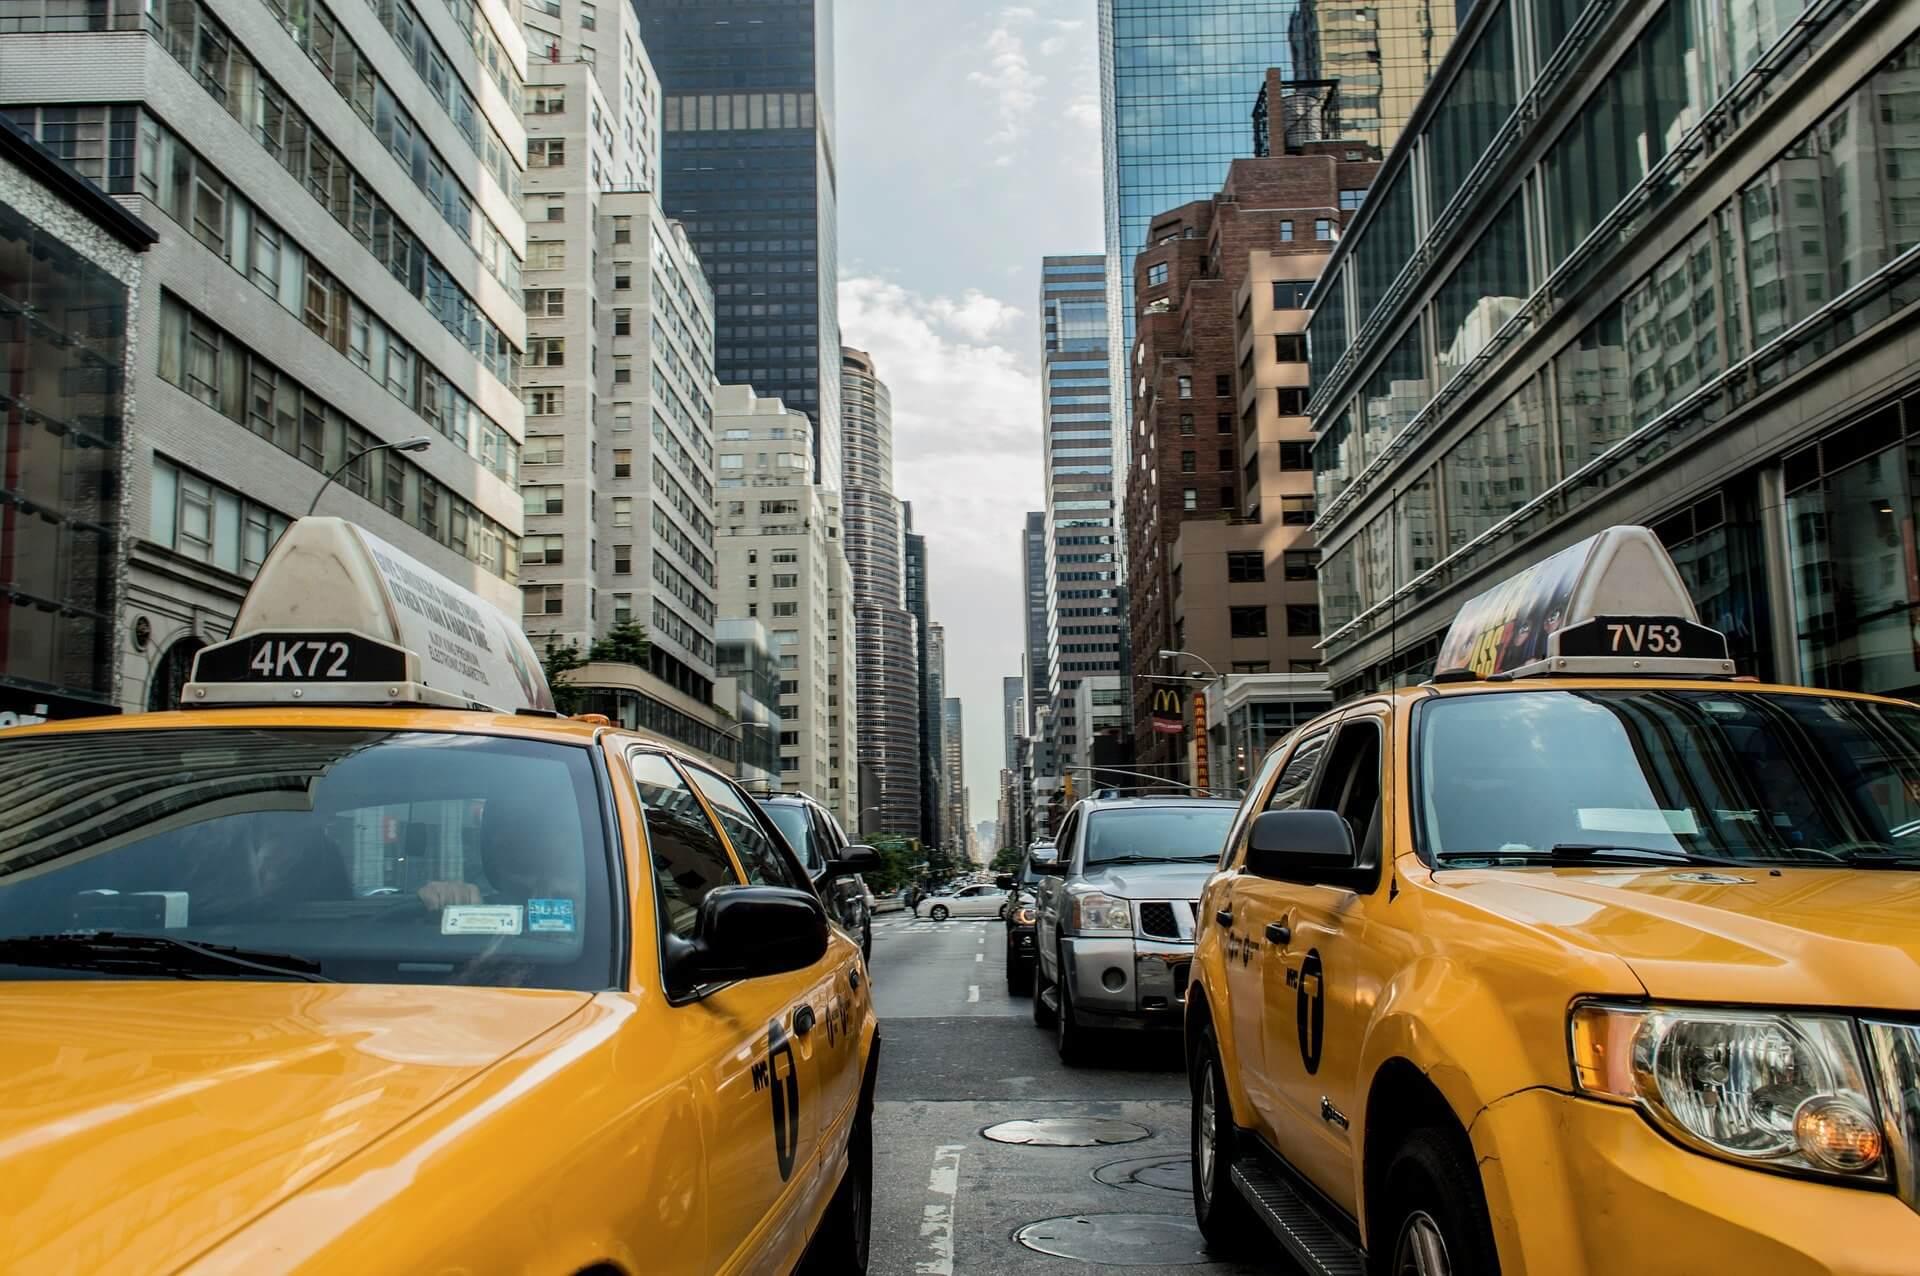 taxi-381233_1920 (5)